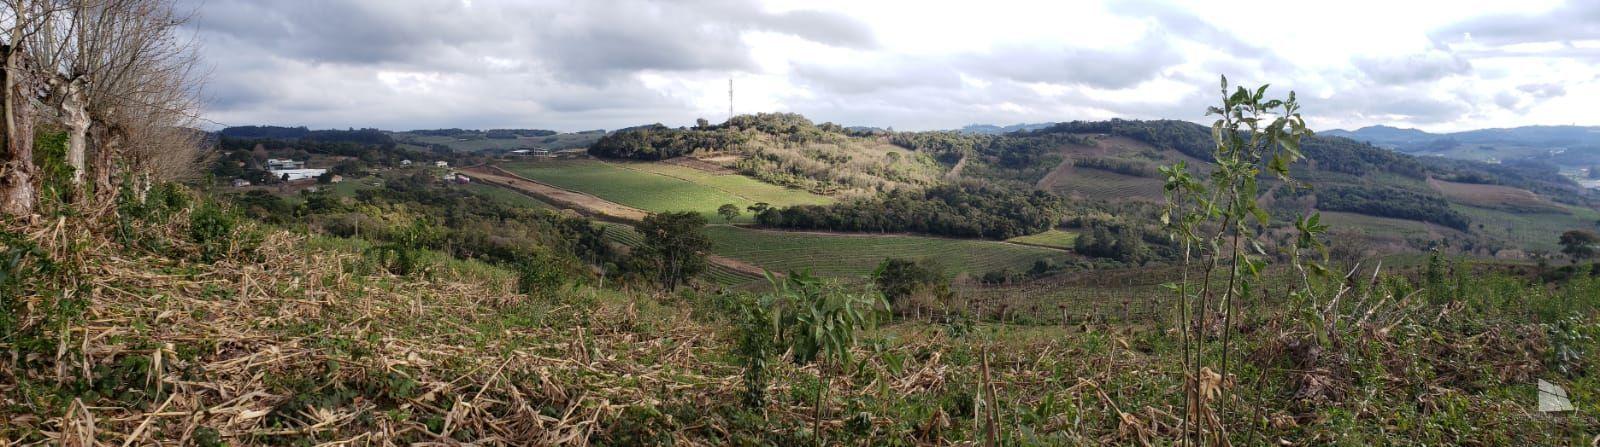 Terreno comercial à venda  no Vale dos Vinhedos - Bento Gonçalves, RS. Imóveis